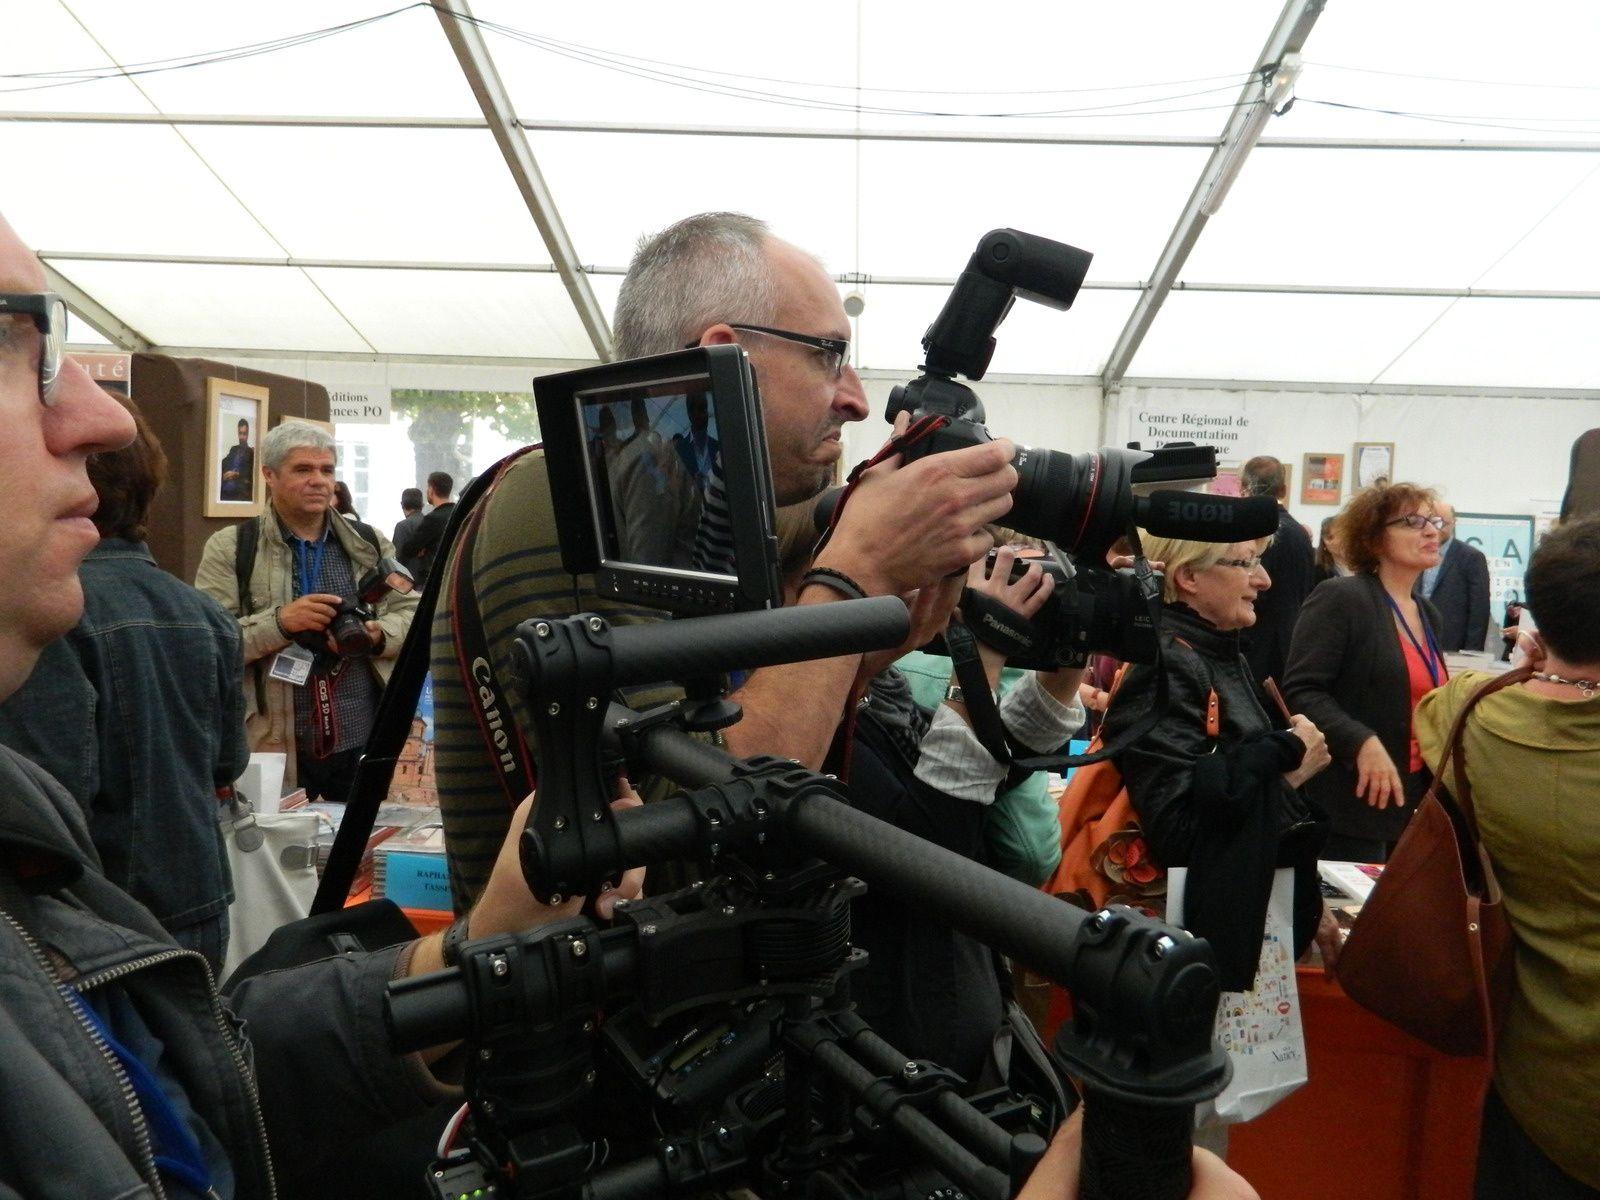 Comme autant d'insectes noirs et peopelivores, les photographes de presse devant le staf du Salon